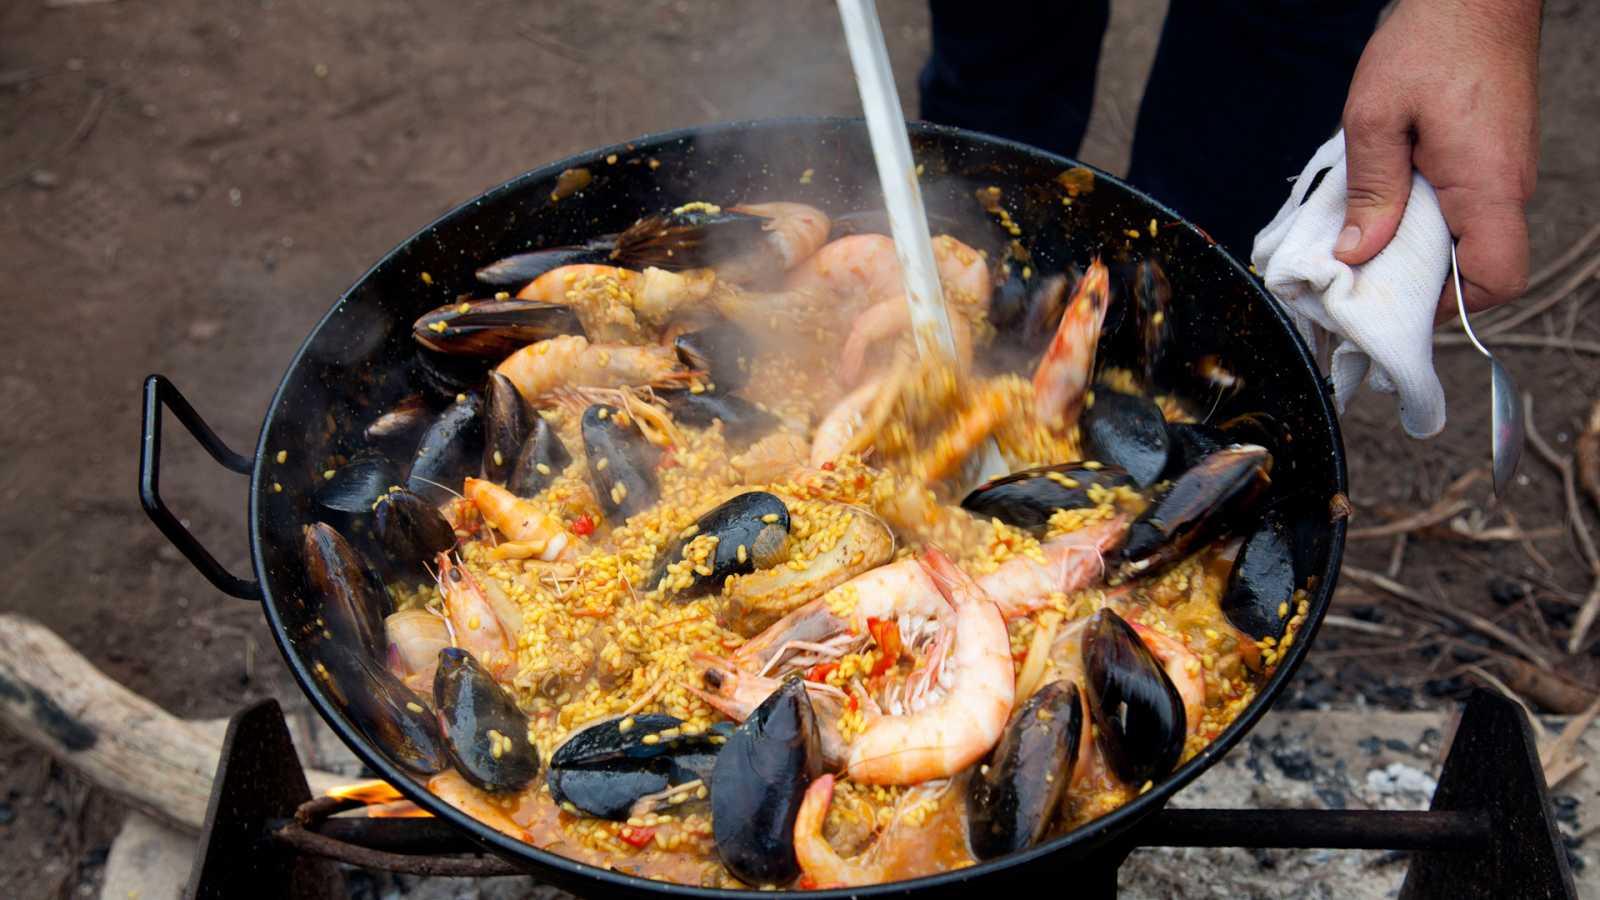 Otros documentales - Expediciones culinarias. Cocinar con fuego: Ollas y sartenes - ver ahora